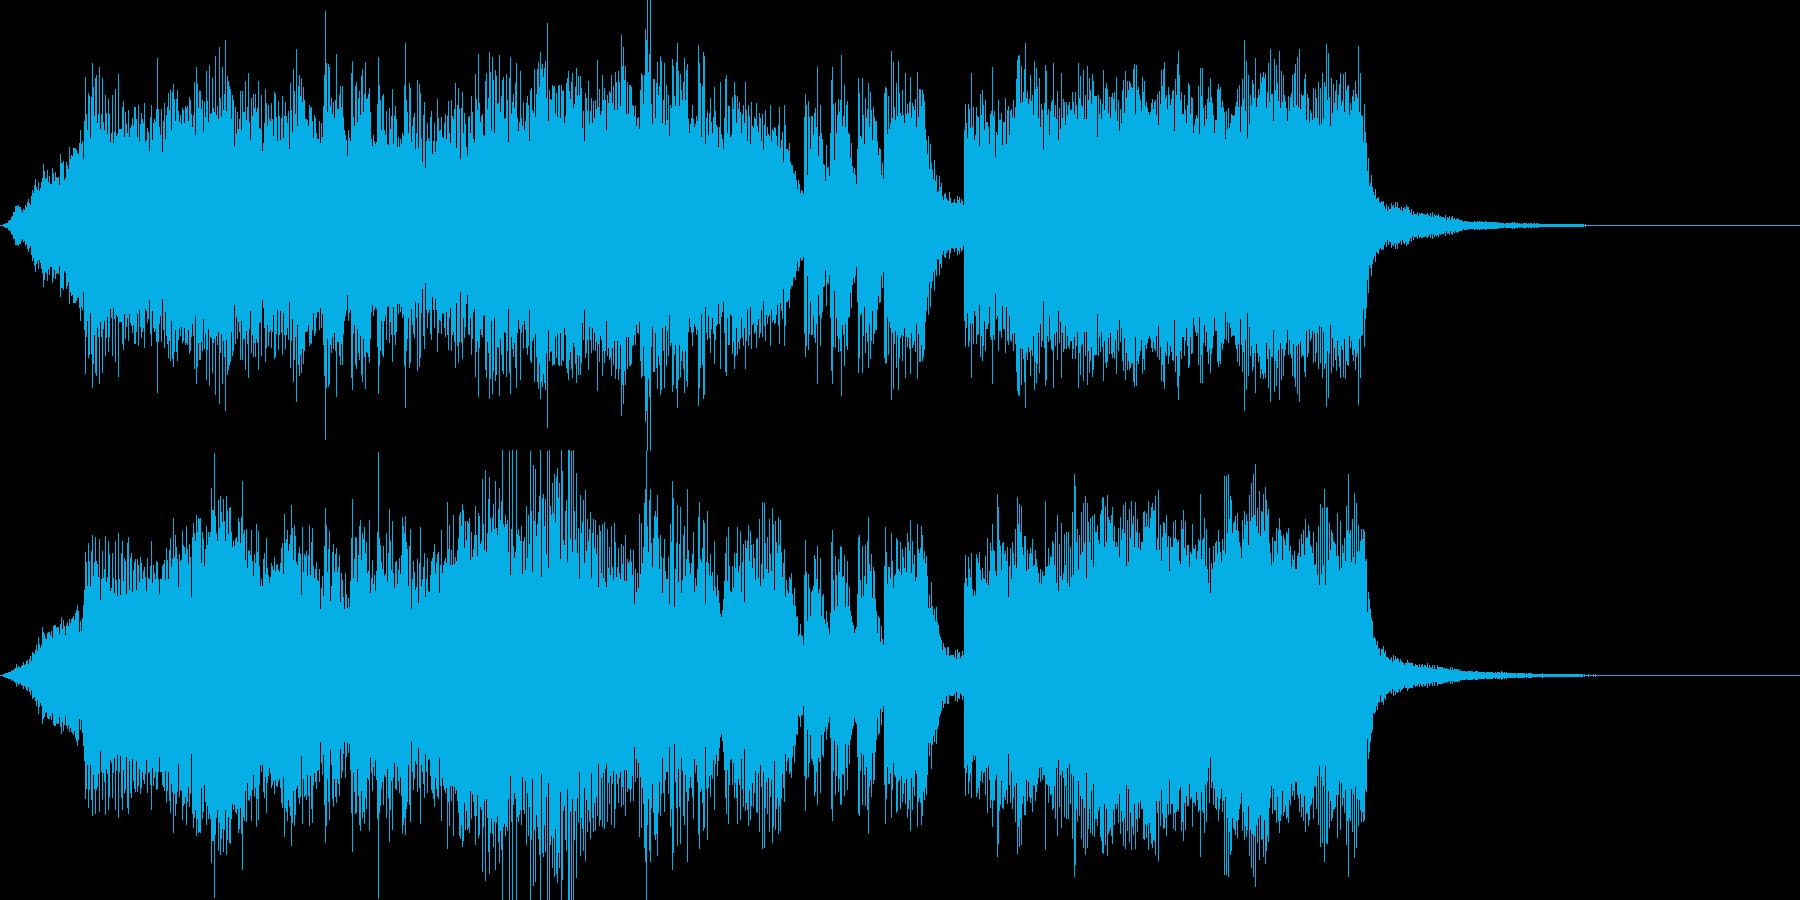 ジングル 勝利のファンファーレの再生済みの波形